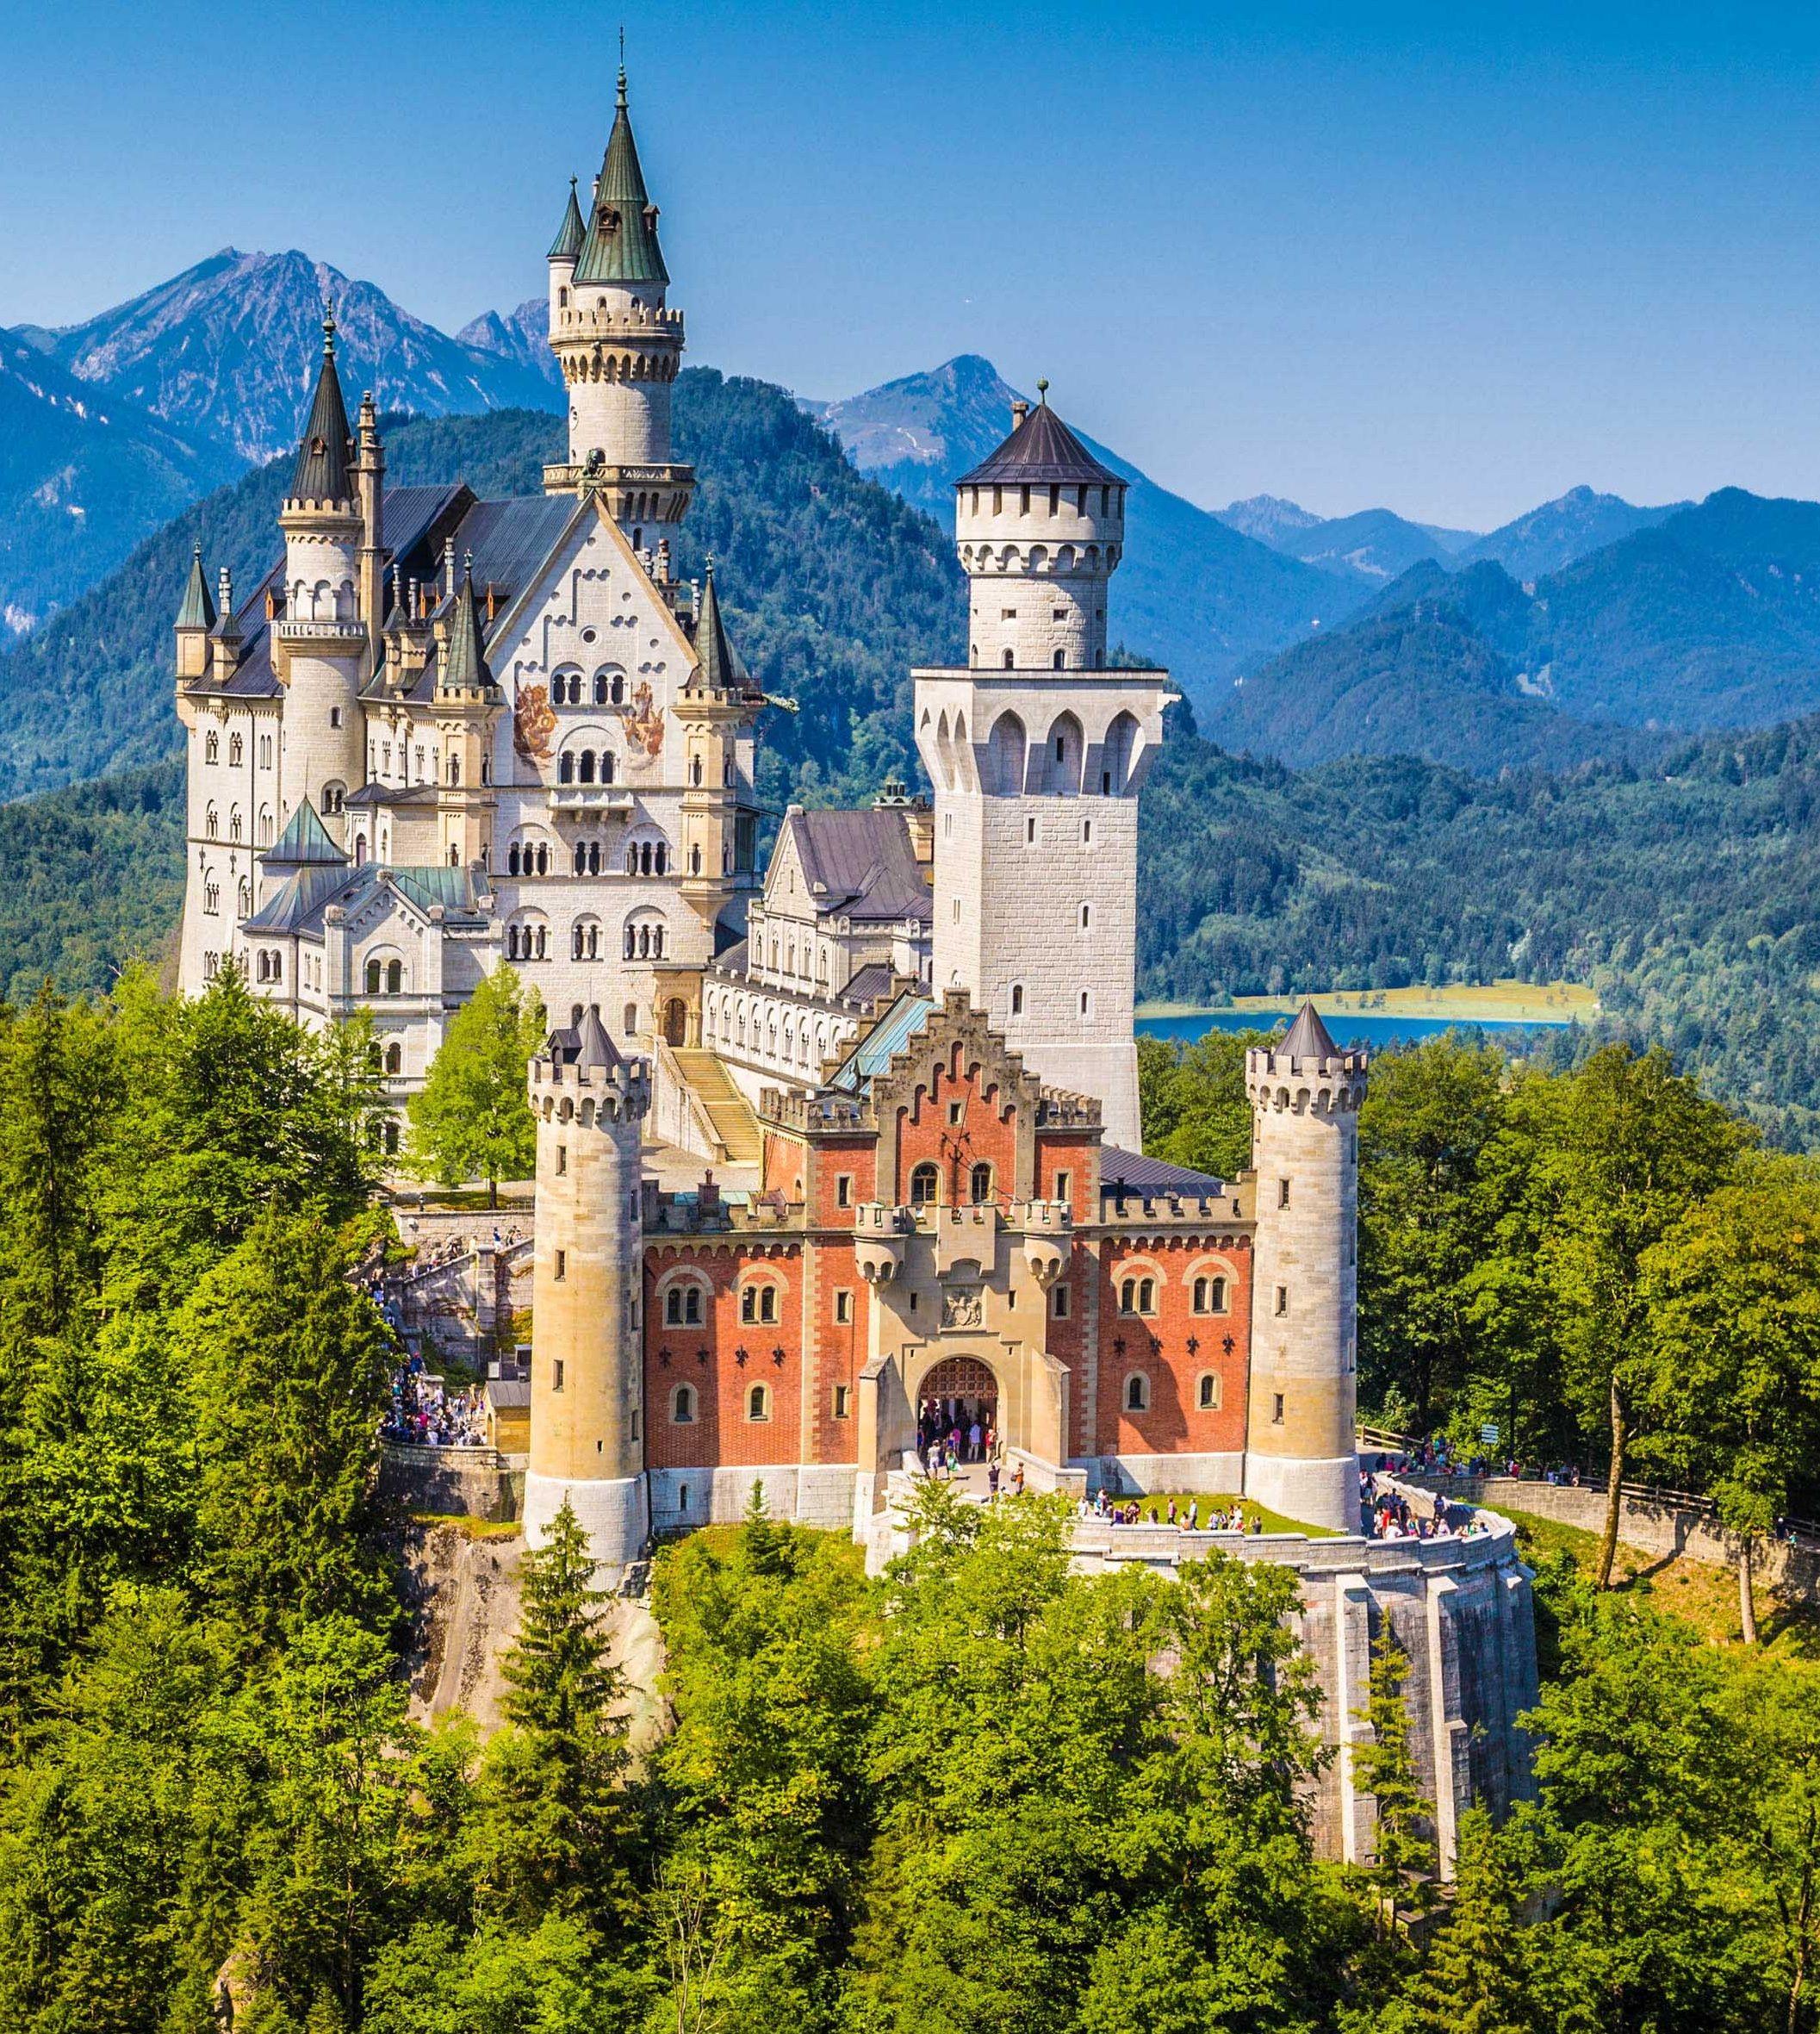 Schloss Neuschwanstein Marchenhaft Deutschlandliebe By Urlaubsguru Schloss Neuschwanstein Traumurlaub Neuschwanstein